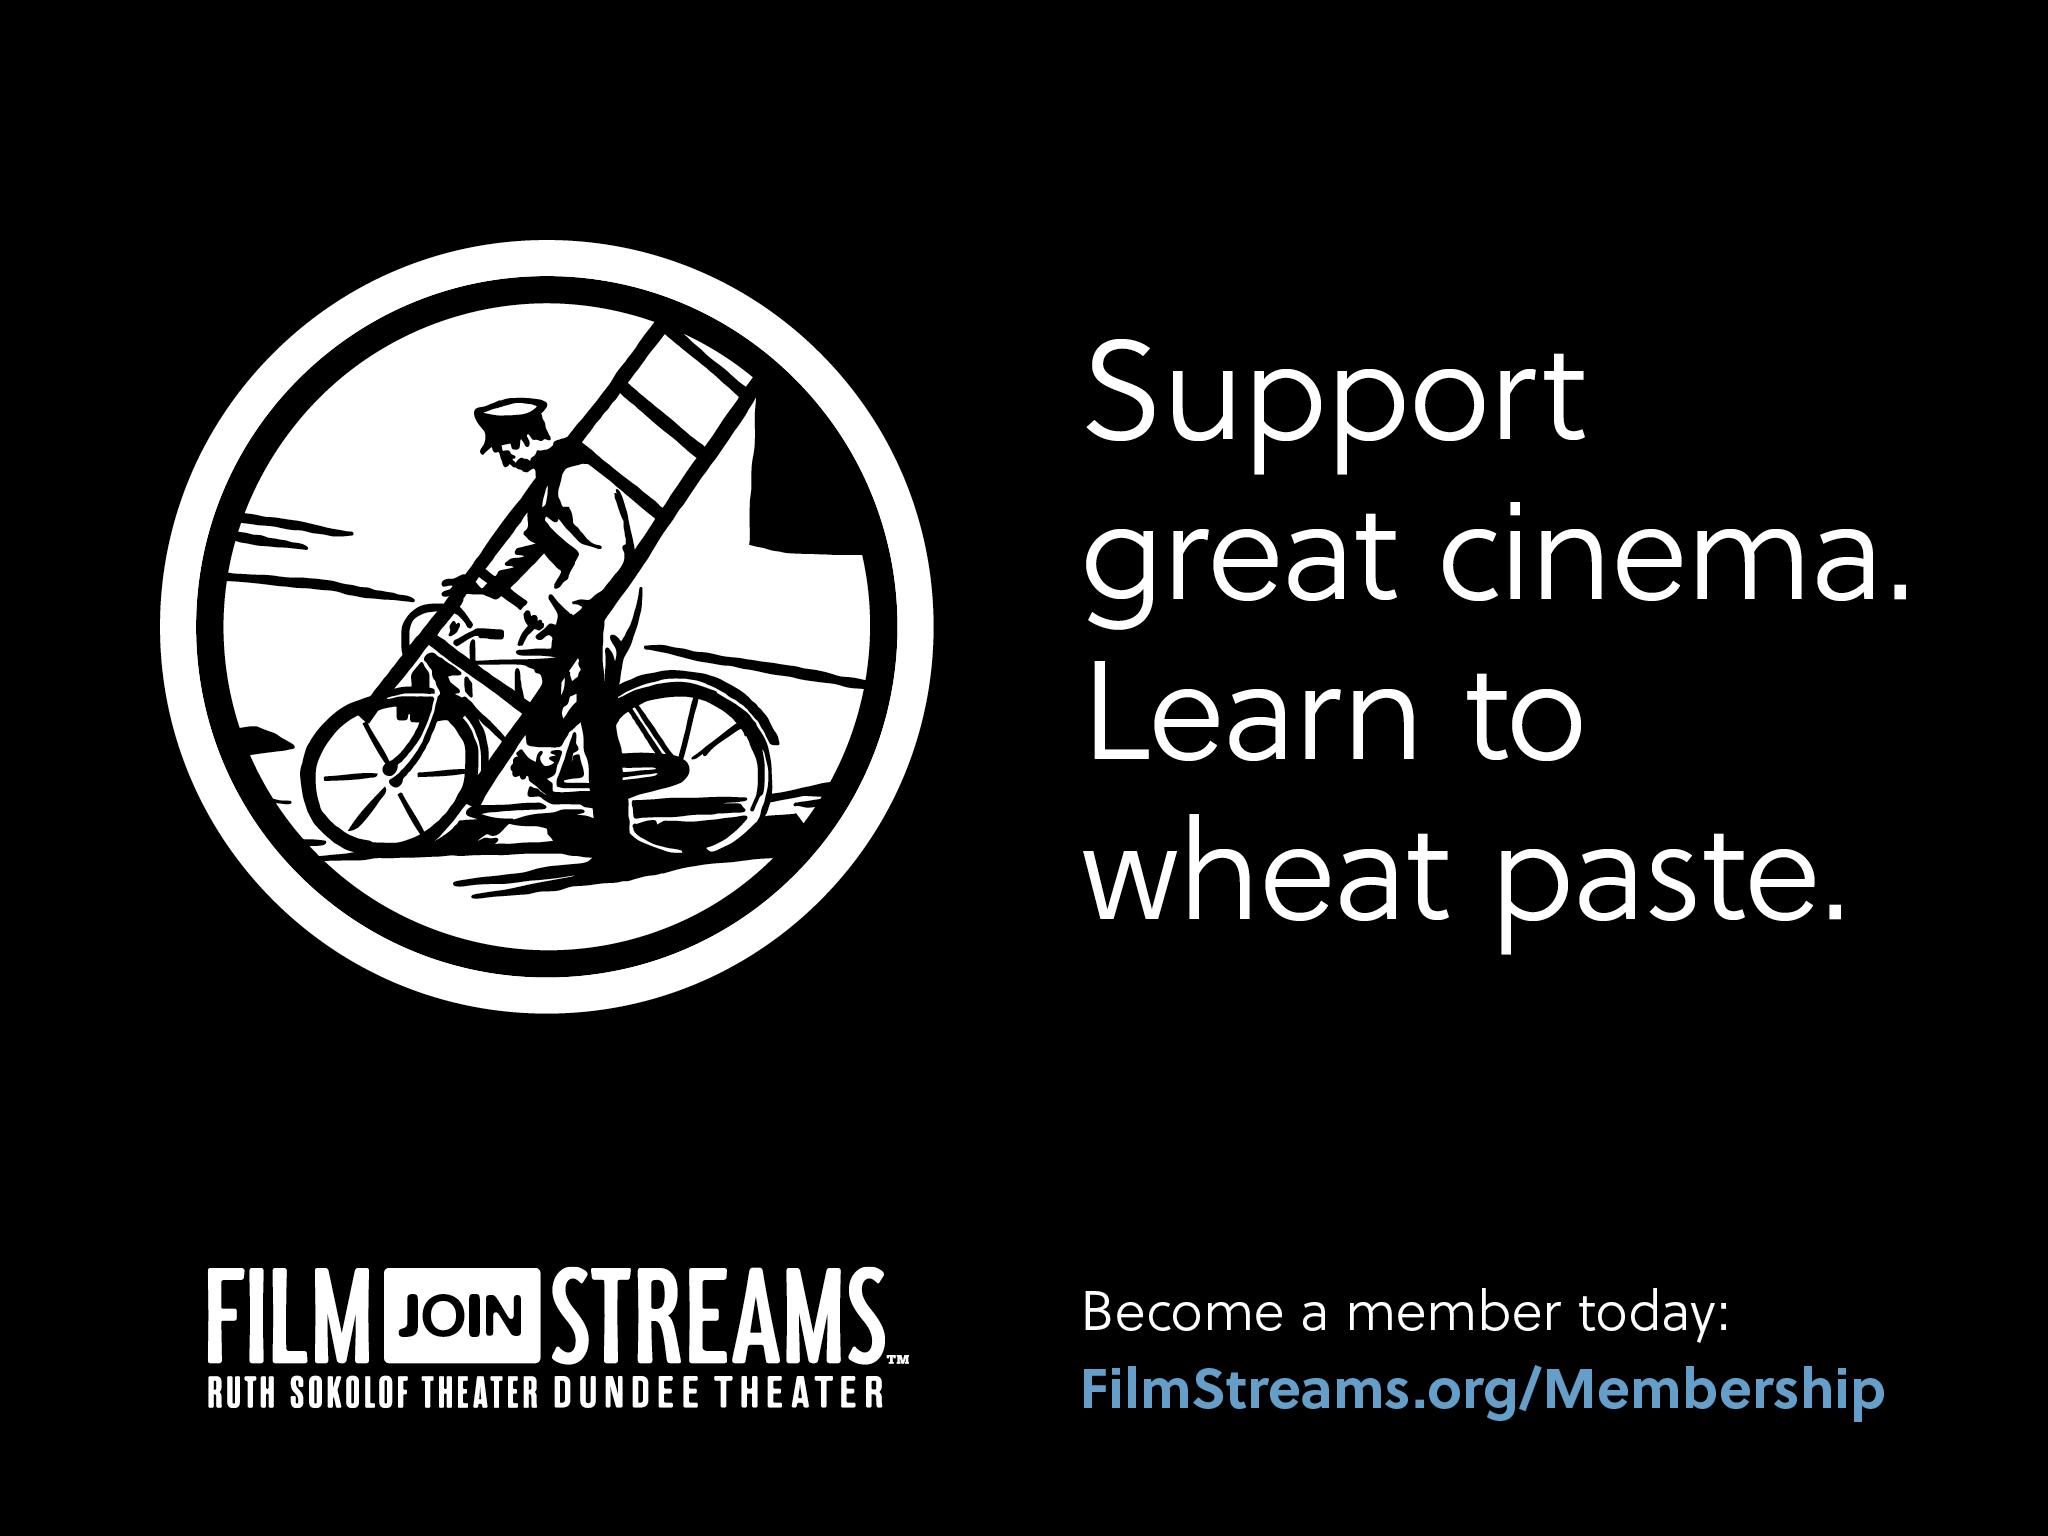 jkdc_filmstreams-linocut-bicyclethieves.png